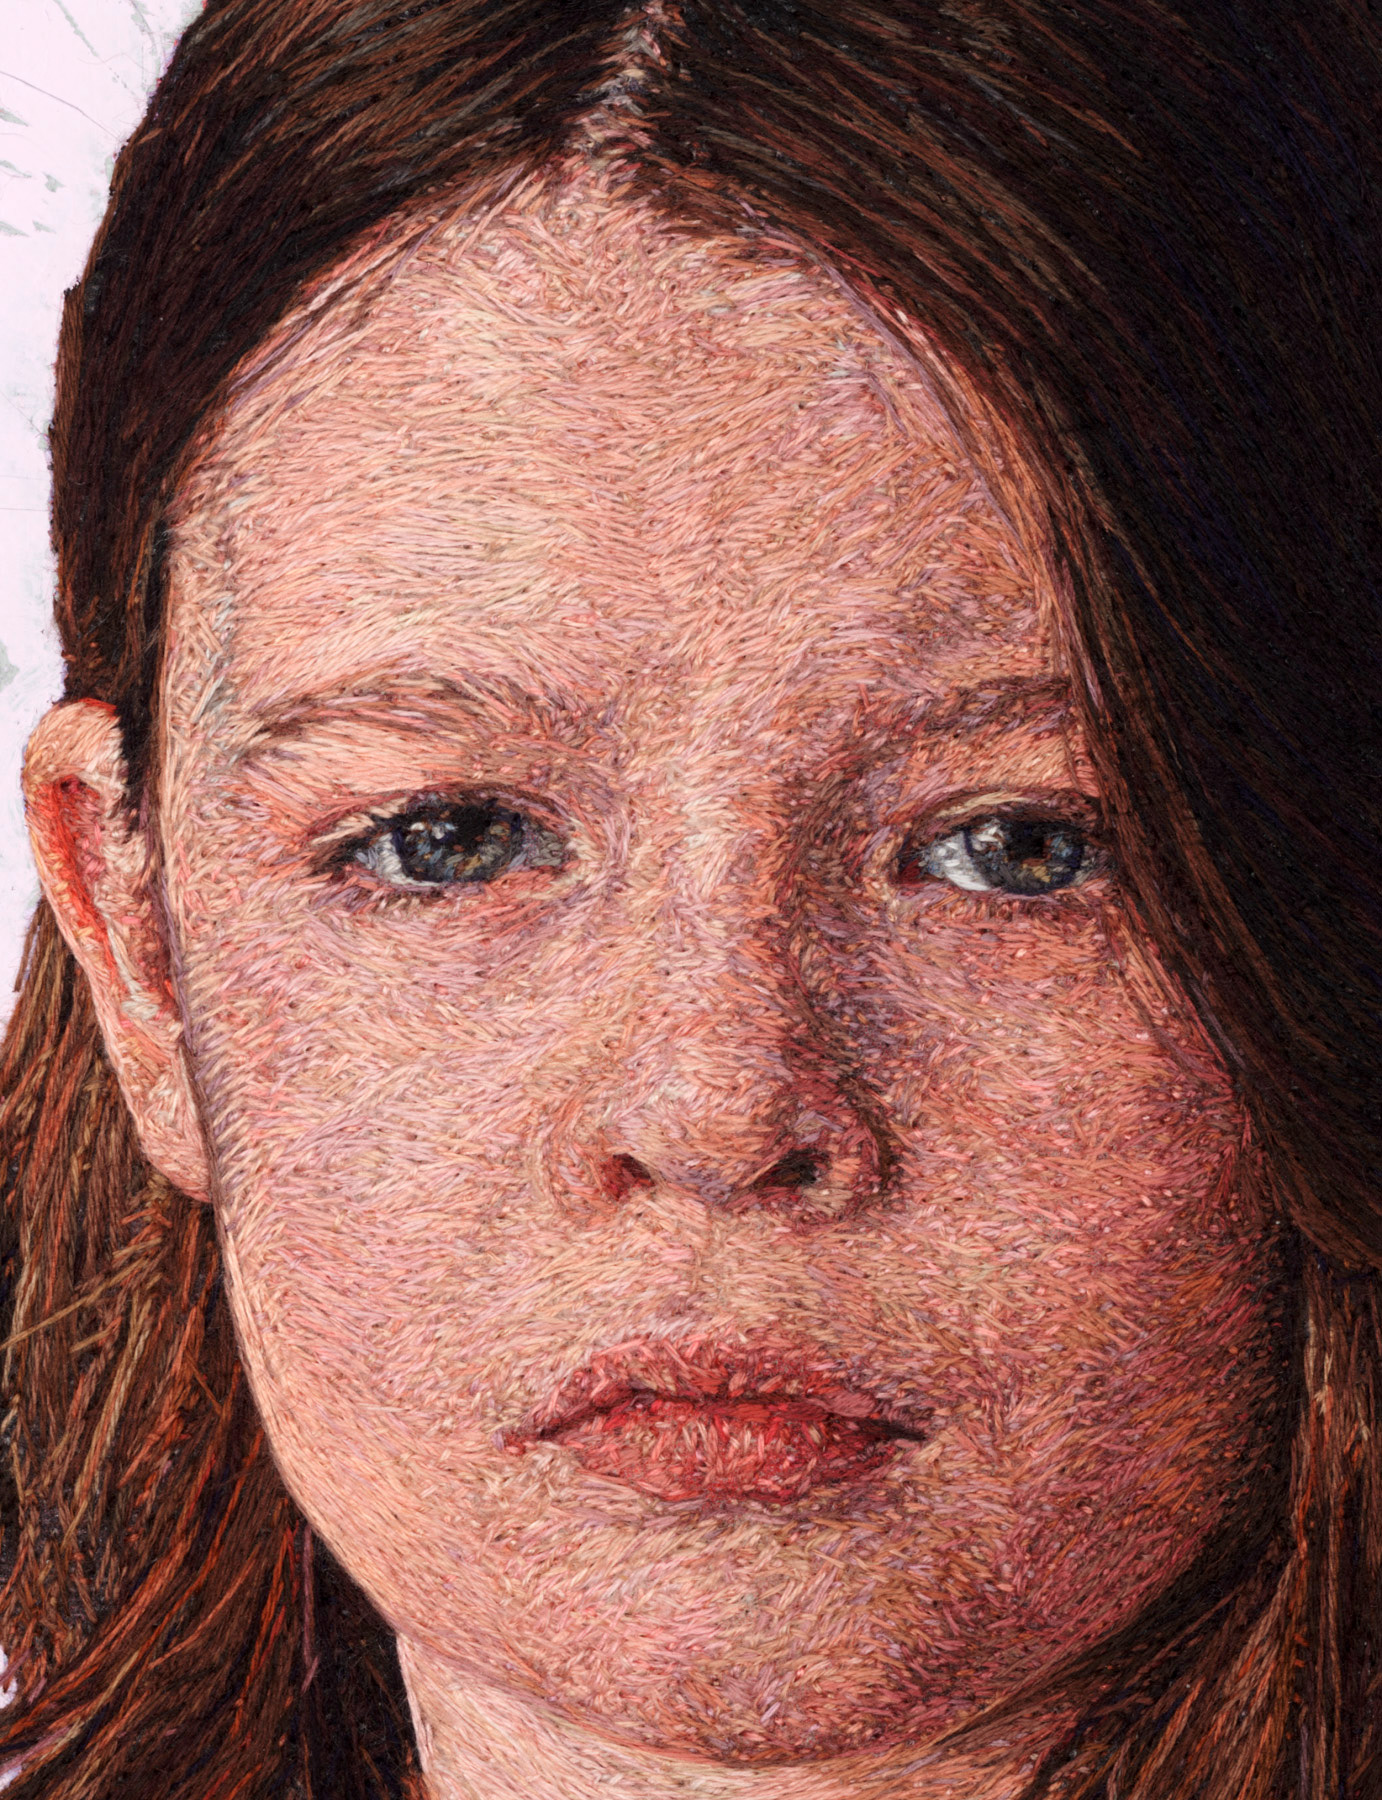 cayce_zavaglia_embroidery_portrait_01